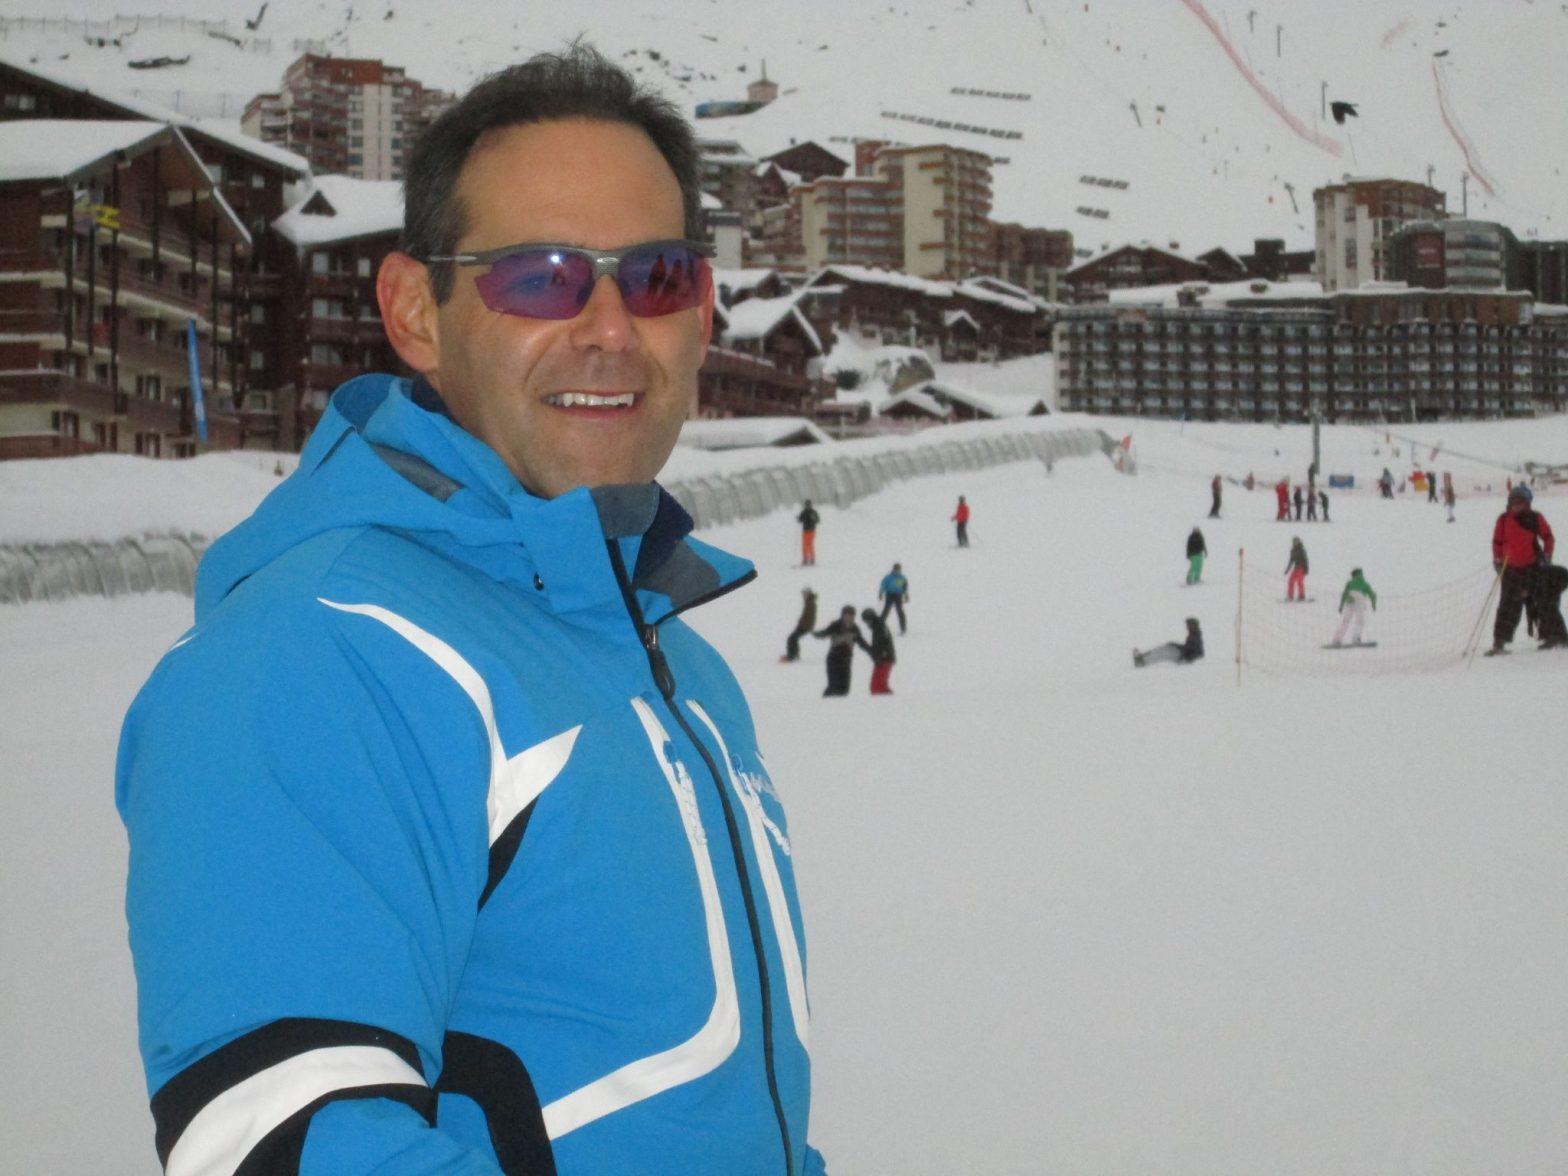 סקי נטו: מתכוננים לחופשה חורפית עם דני רופ